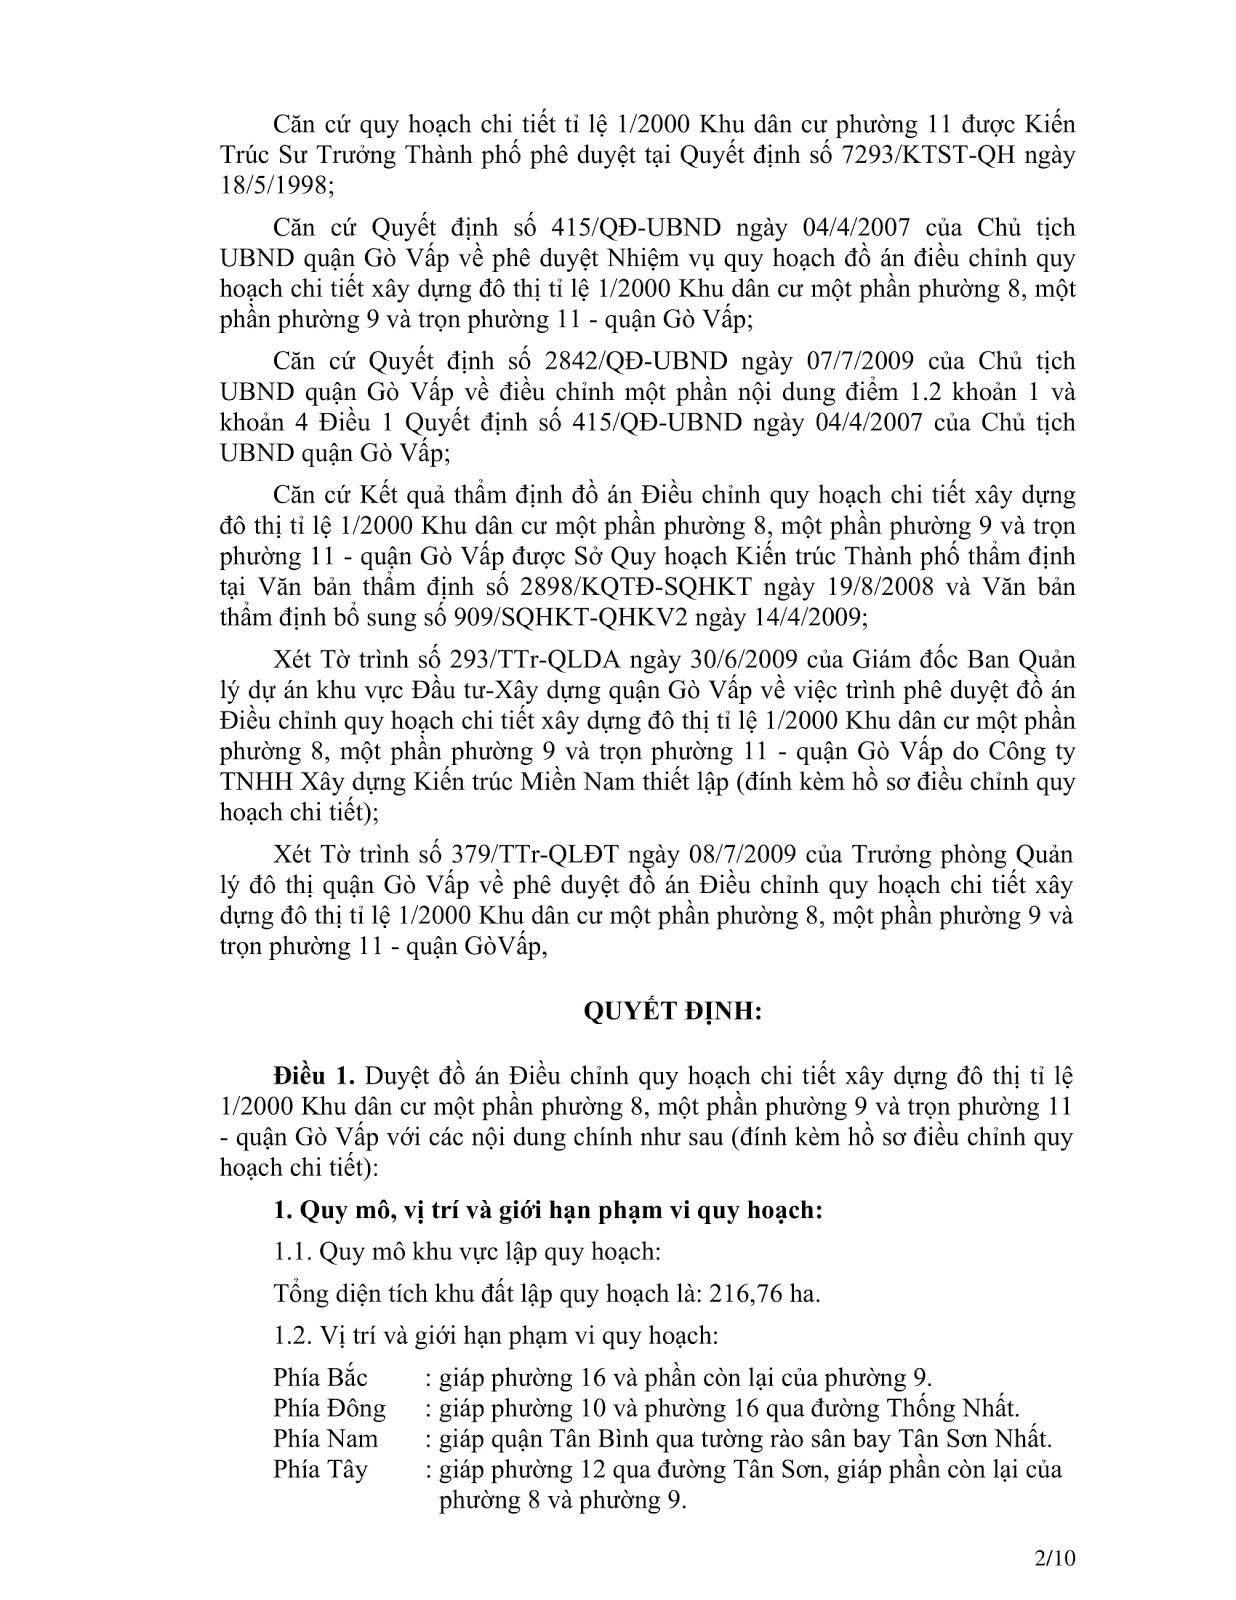 Quyết định số 2871/QĐ-UBND